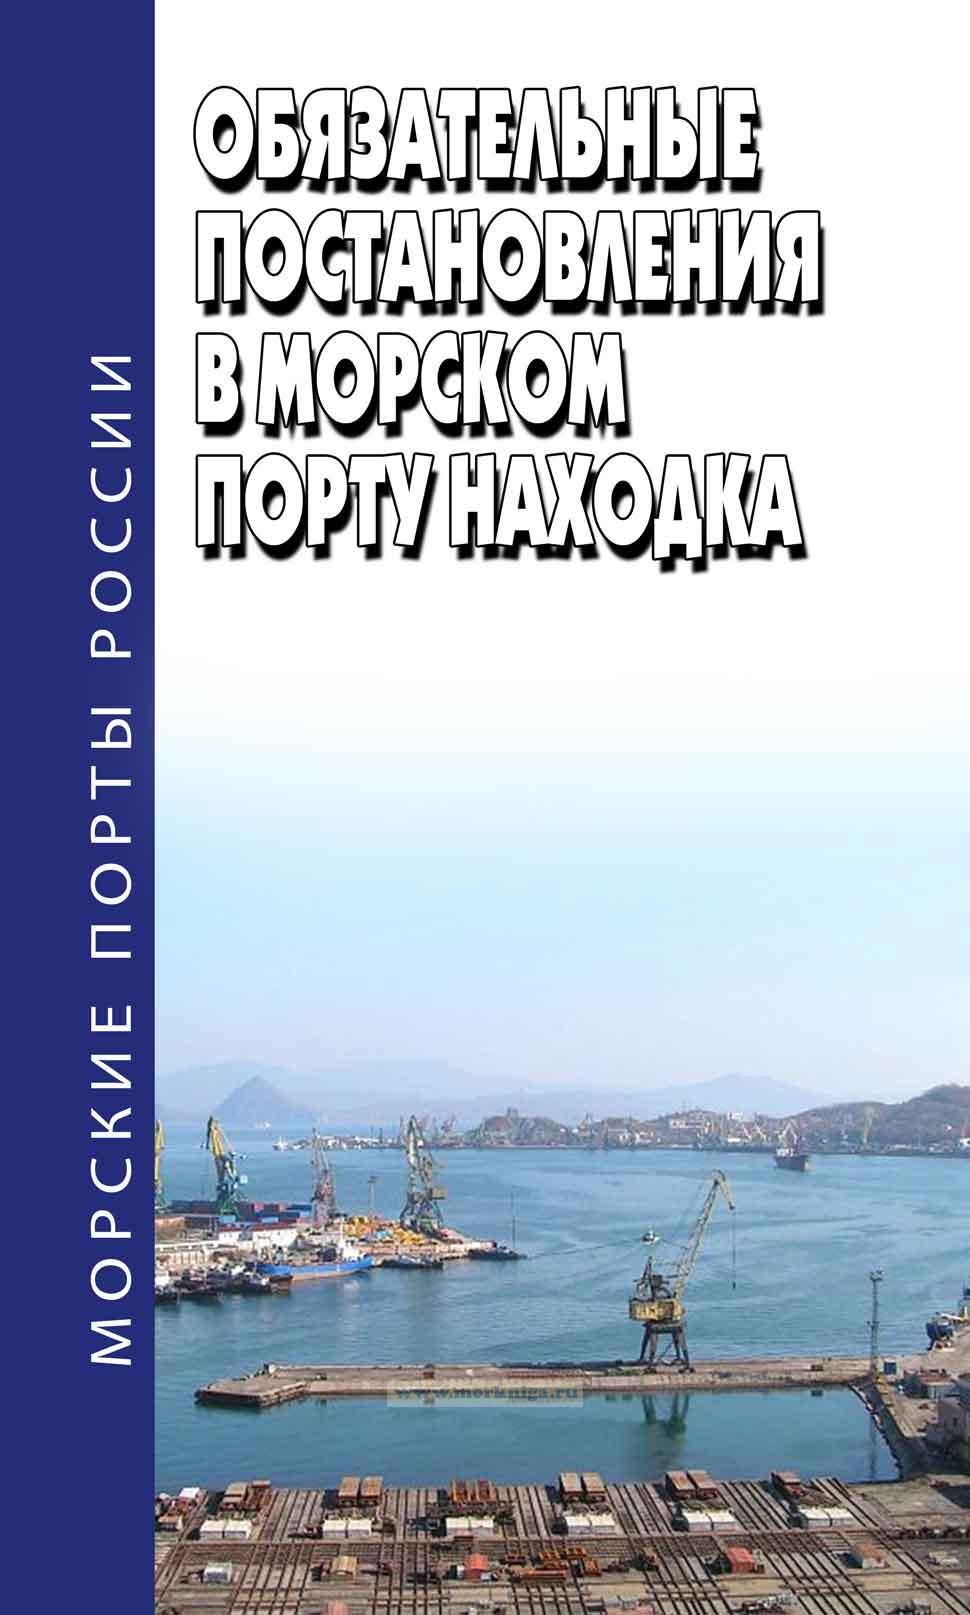 Обязательные постановления по морскому торговому порту Находка. 2017 год. Последняя редакция